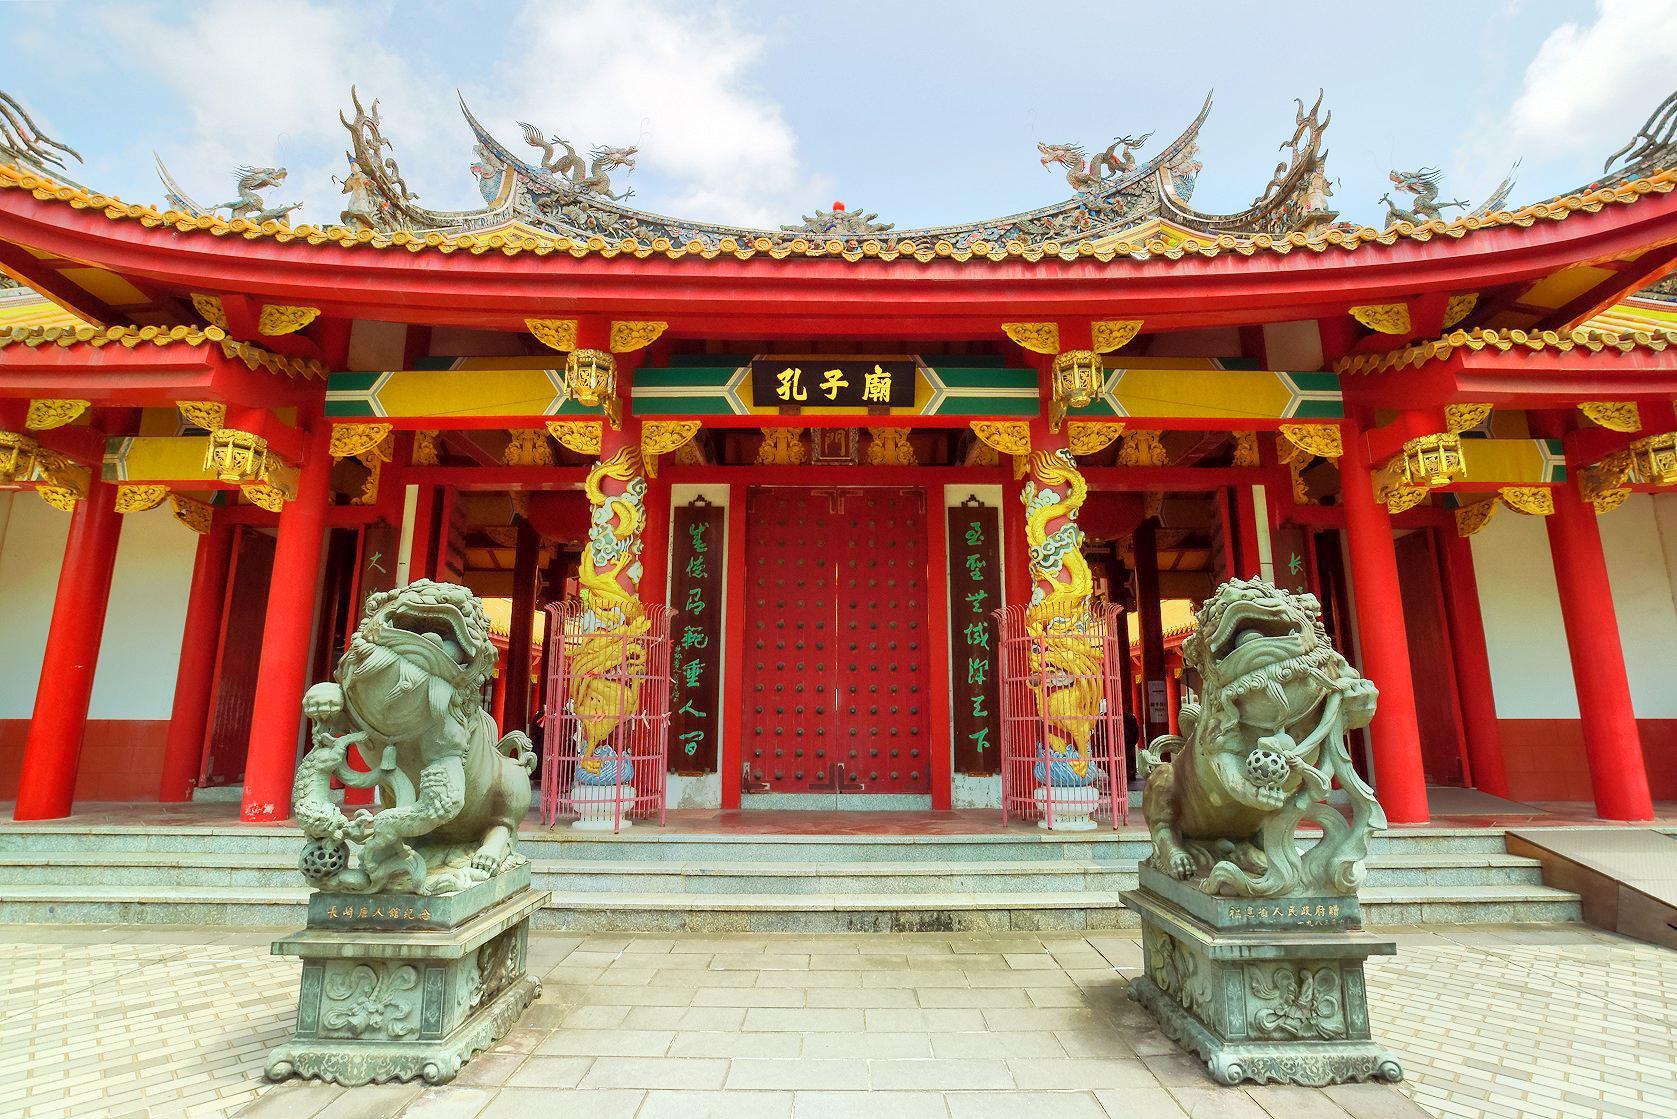 長崎 孔子廟・中国歴代博物館 評判&案内 | トリップドットコム